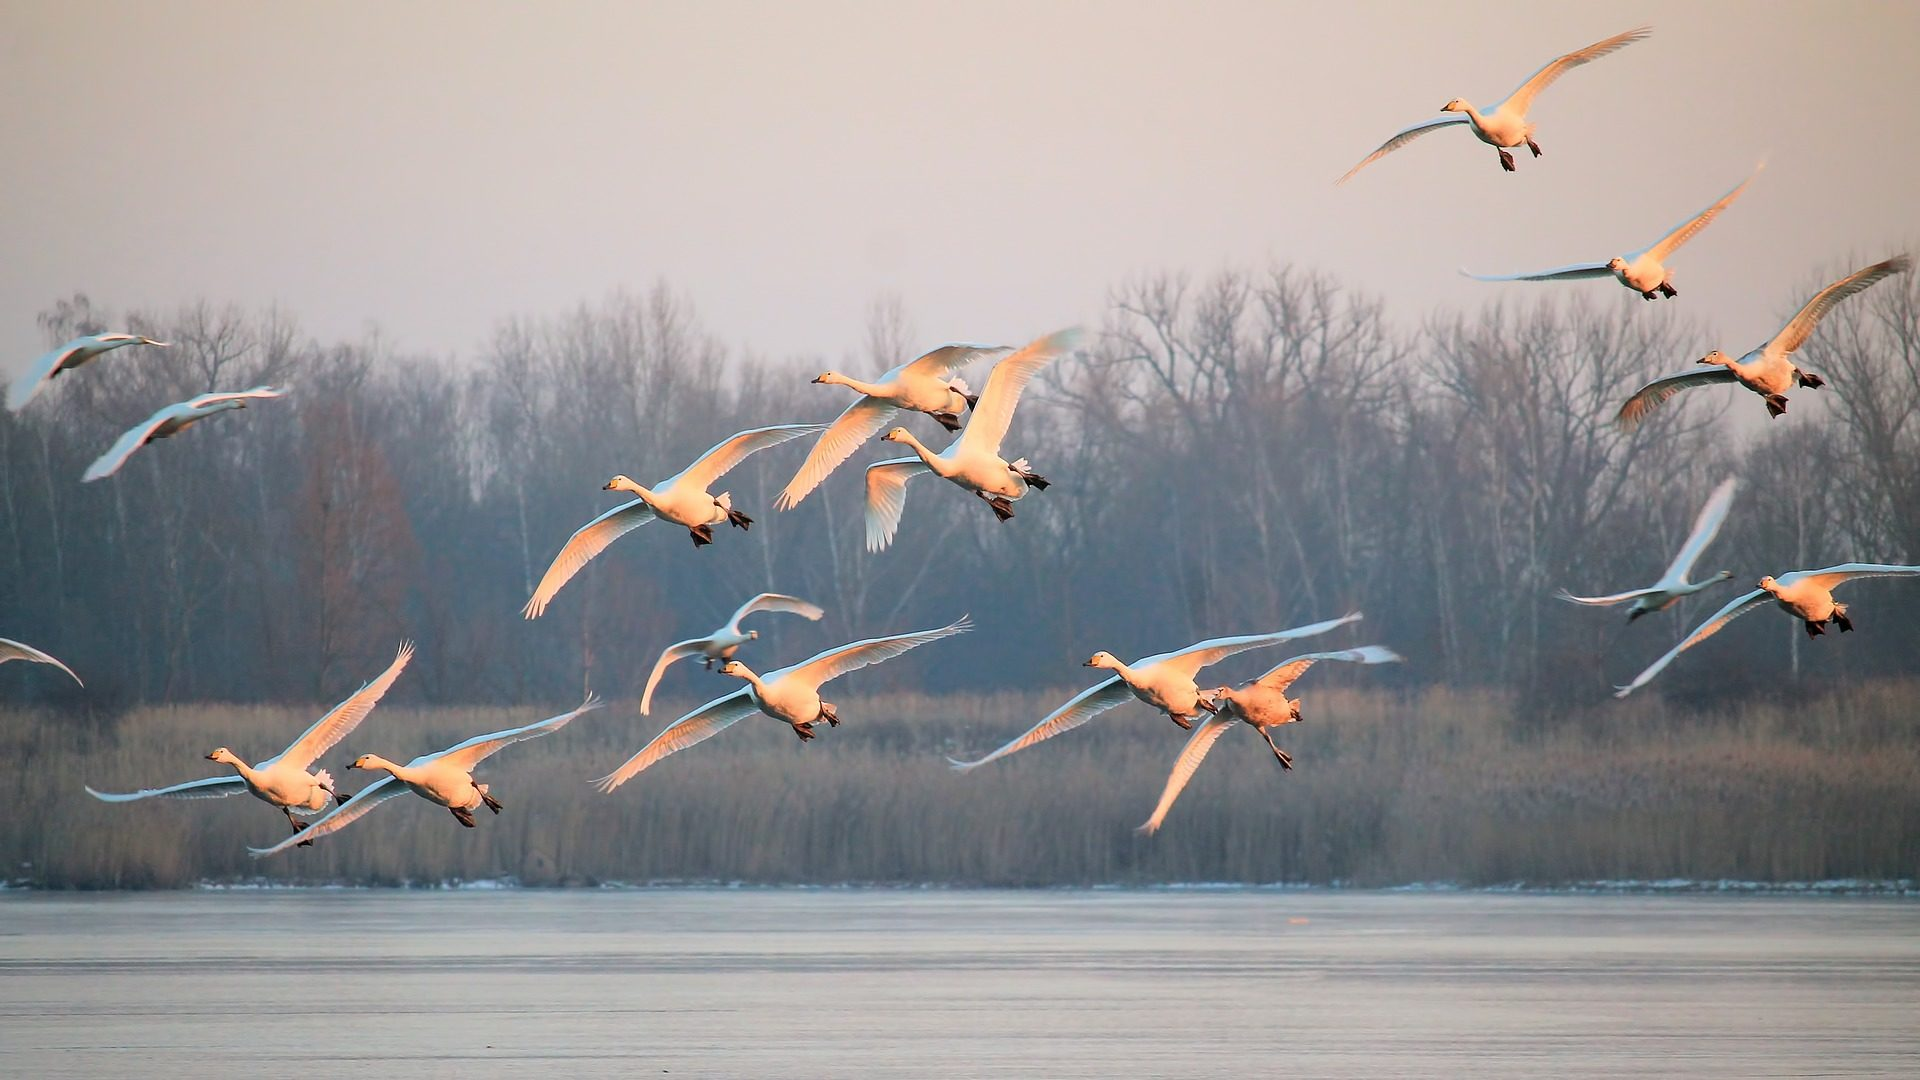 pájaros, الطيور, البجع, لاغونا, الأشجار, رحلة - خلفيات عالية الدقة - أستاذ falken.com